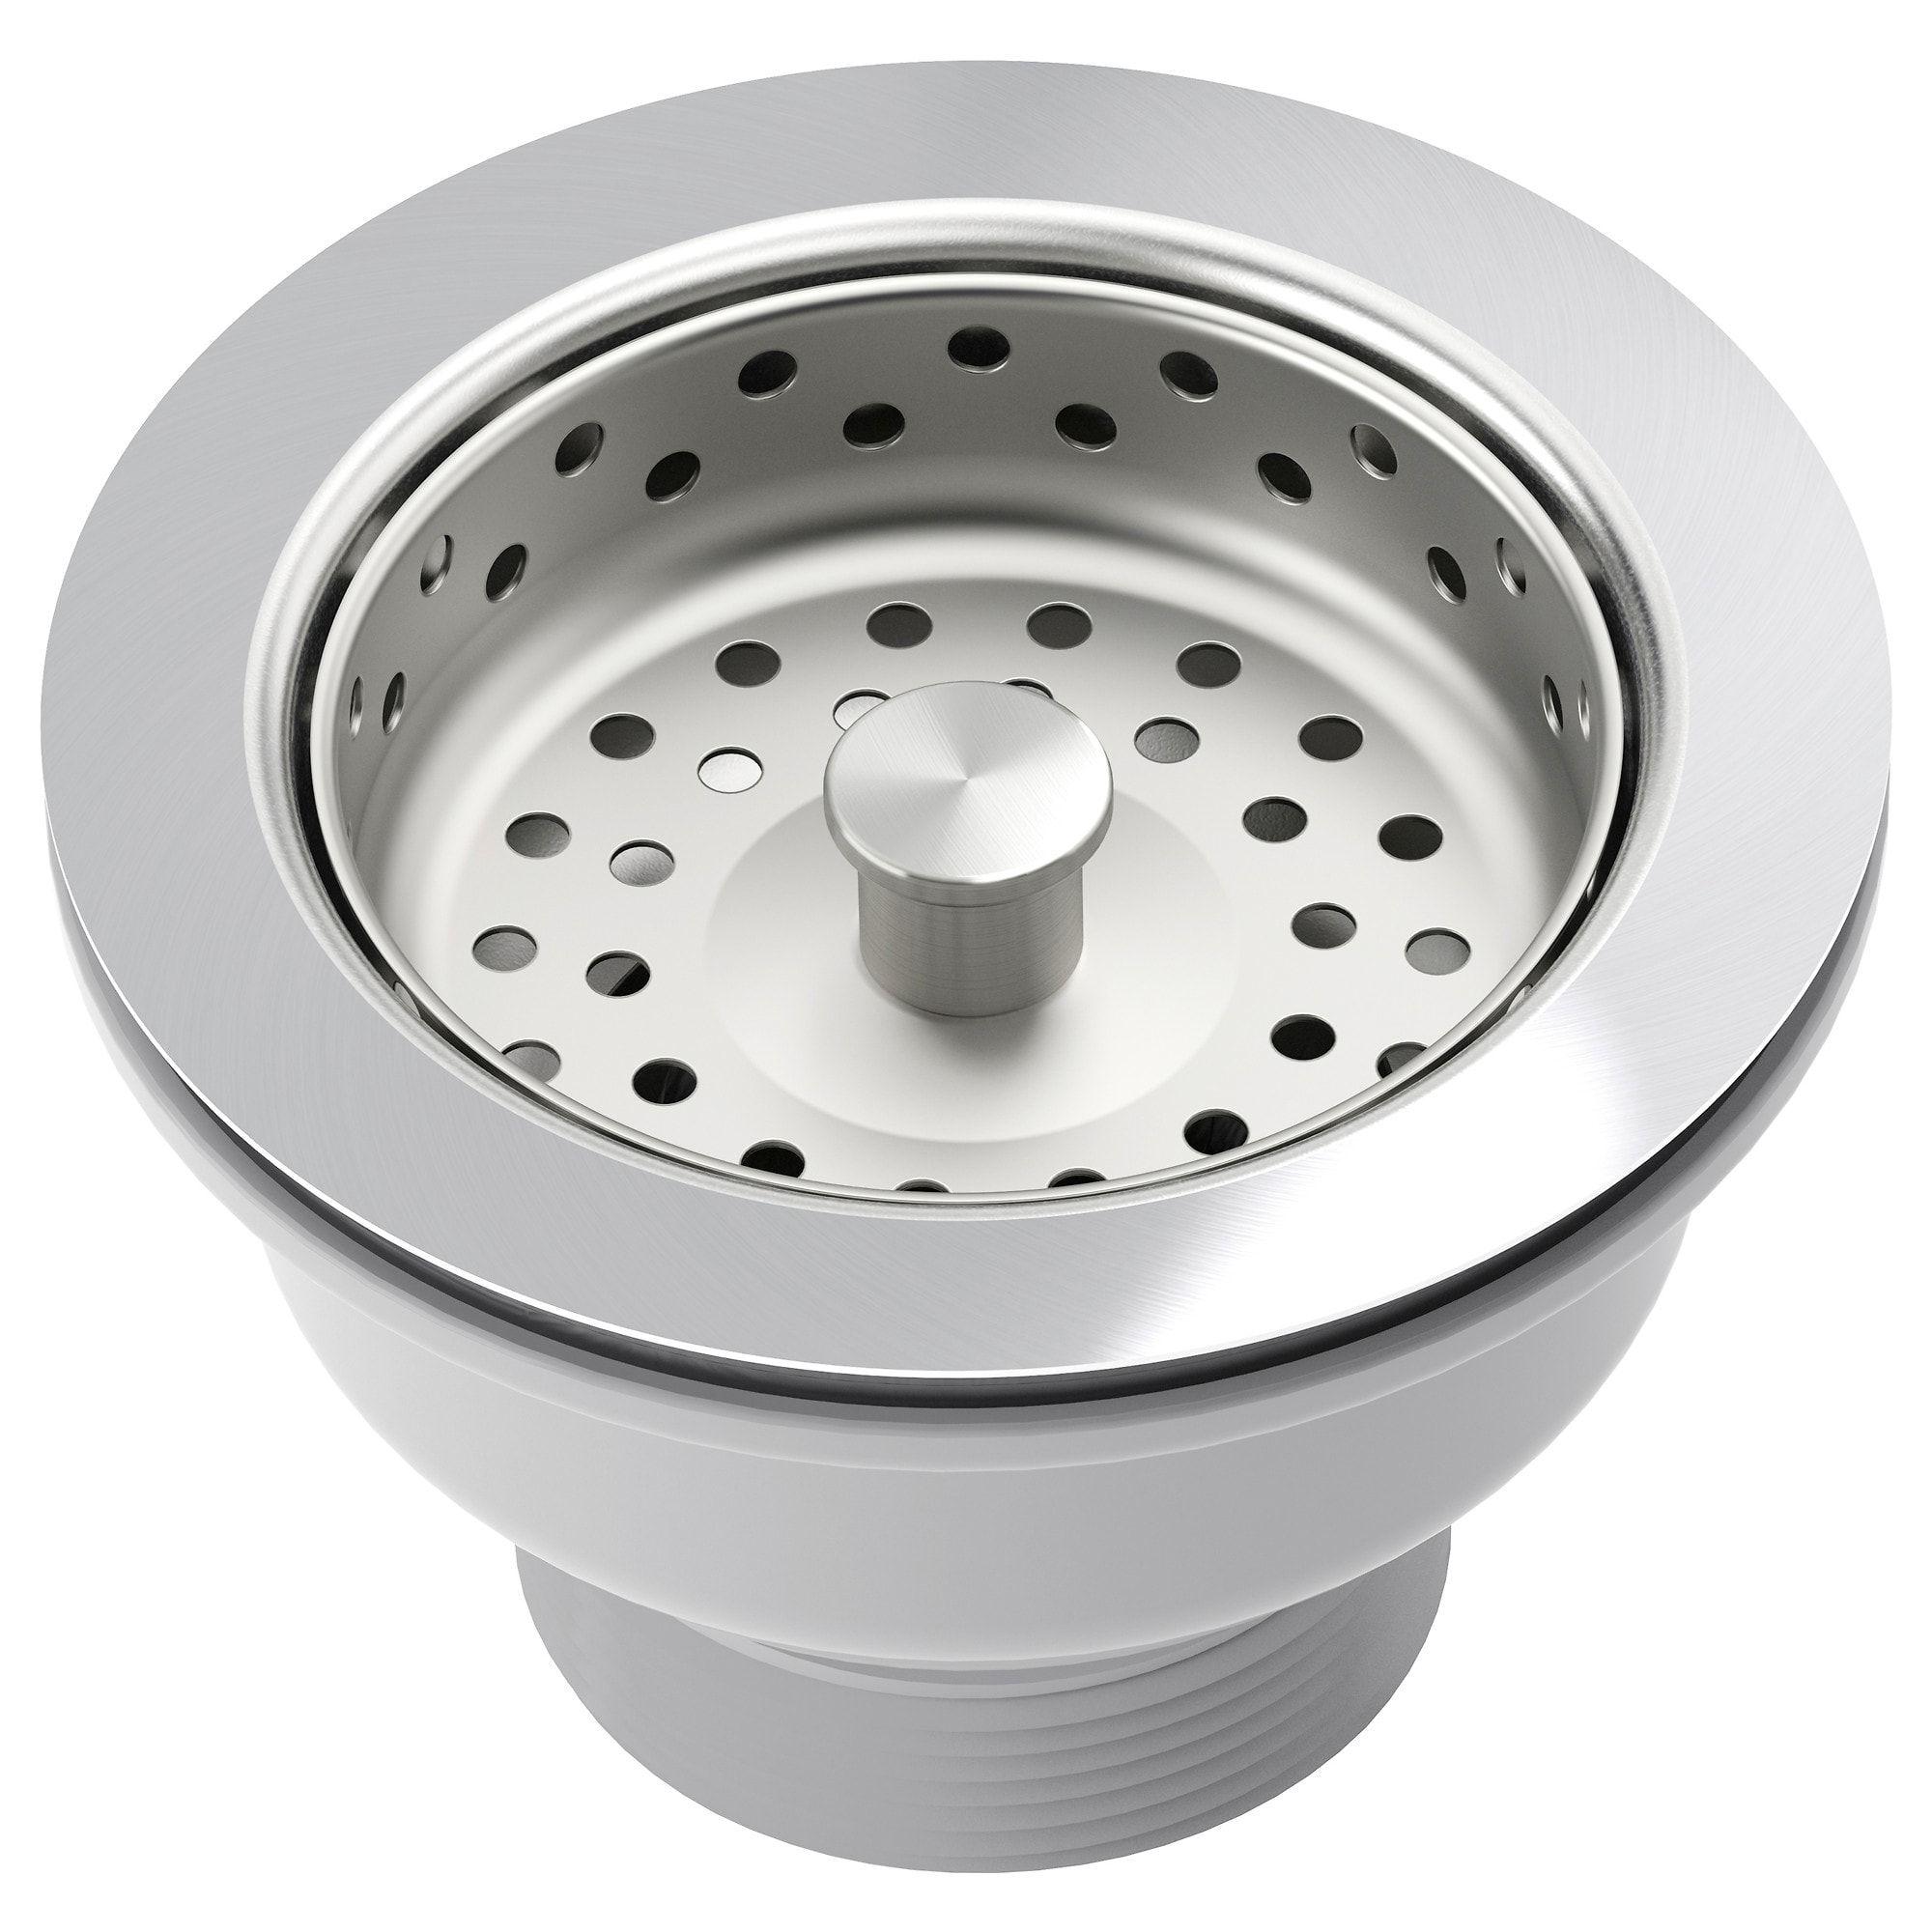 Download Wallpaper White Kitchen Sink Strainer